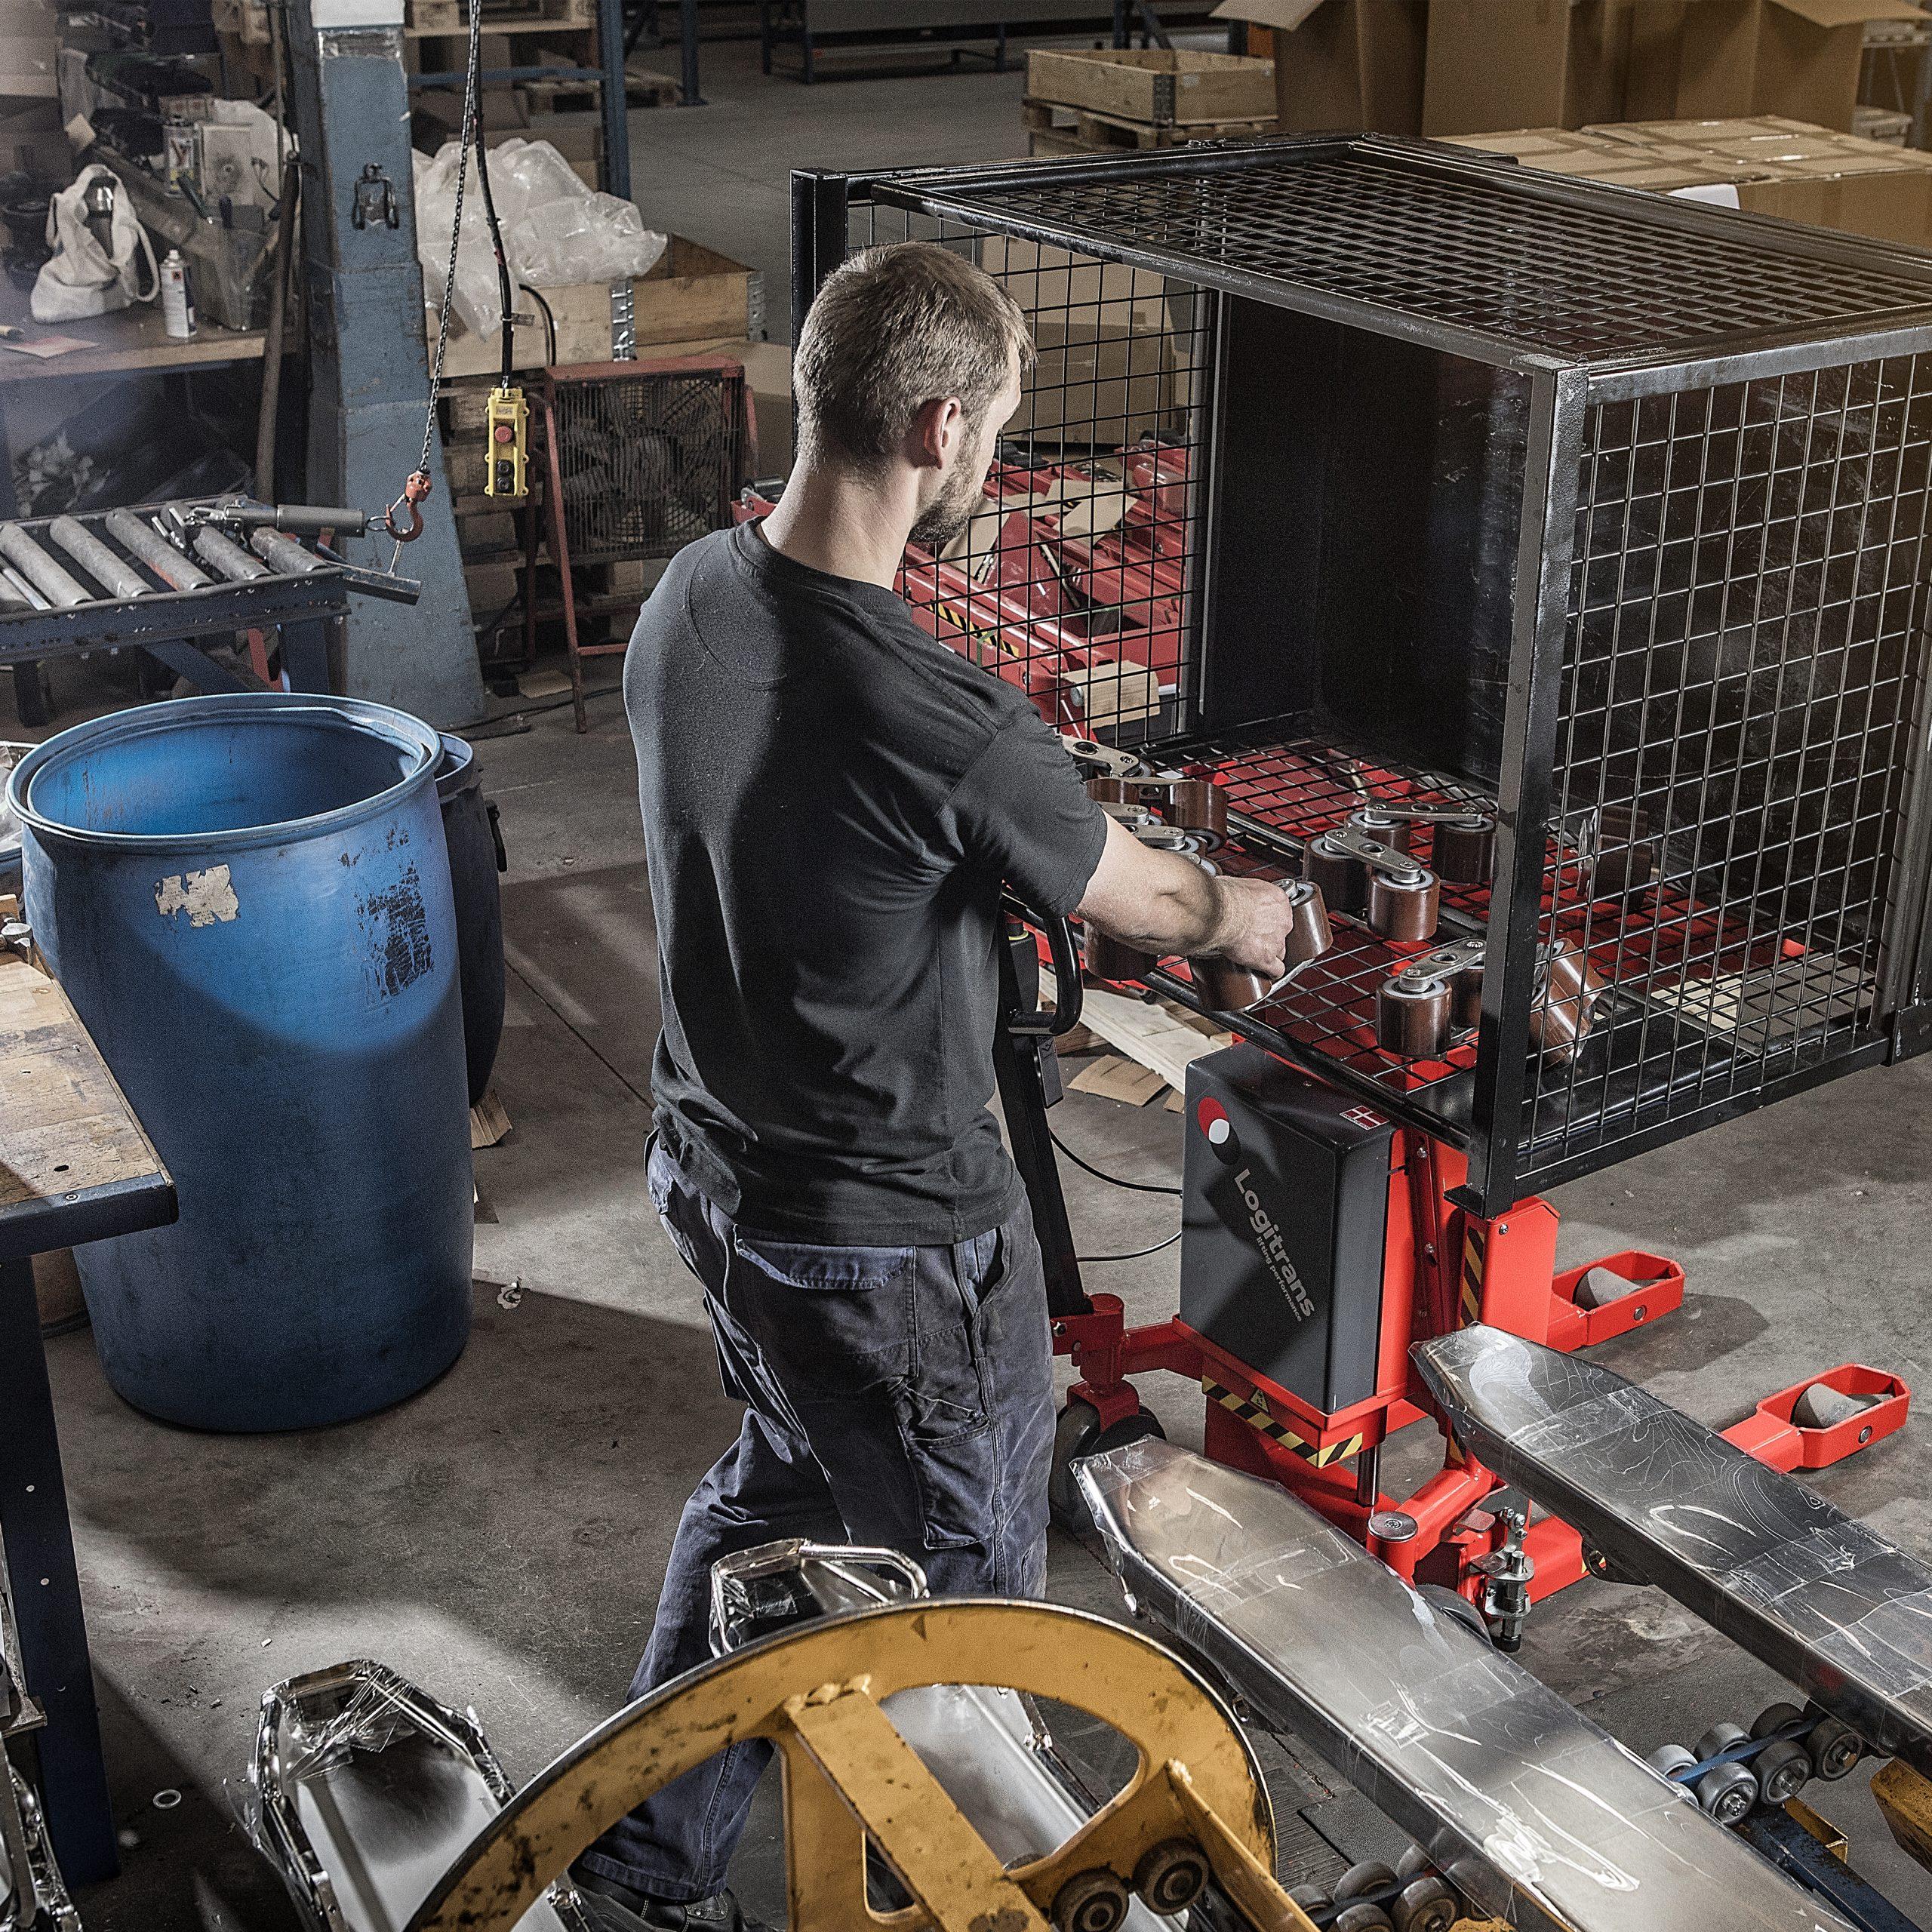 Arbeider haalt onderdelen voor transpallet uit gekantelde kist op Logitilt